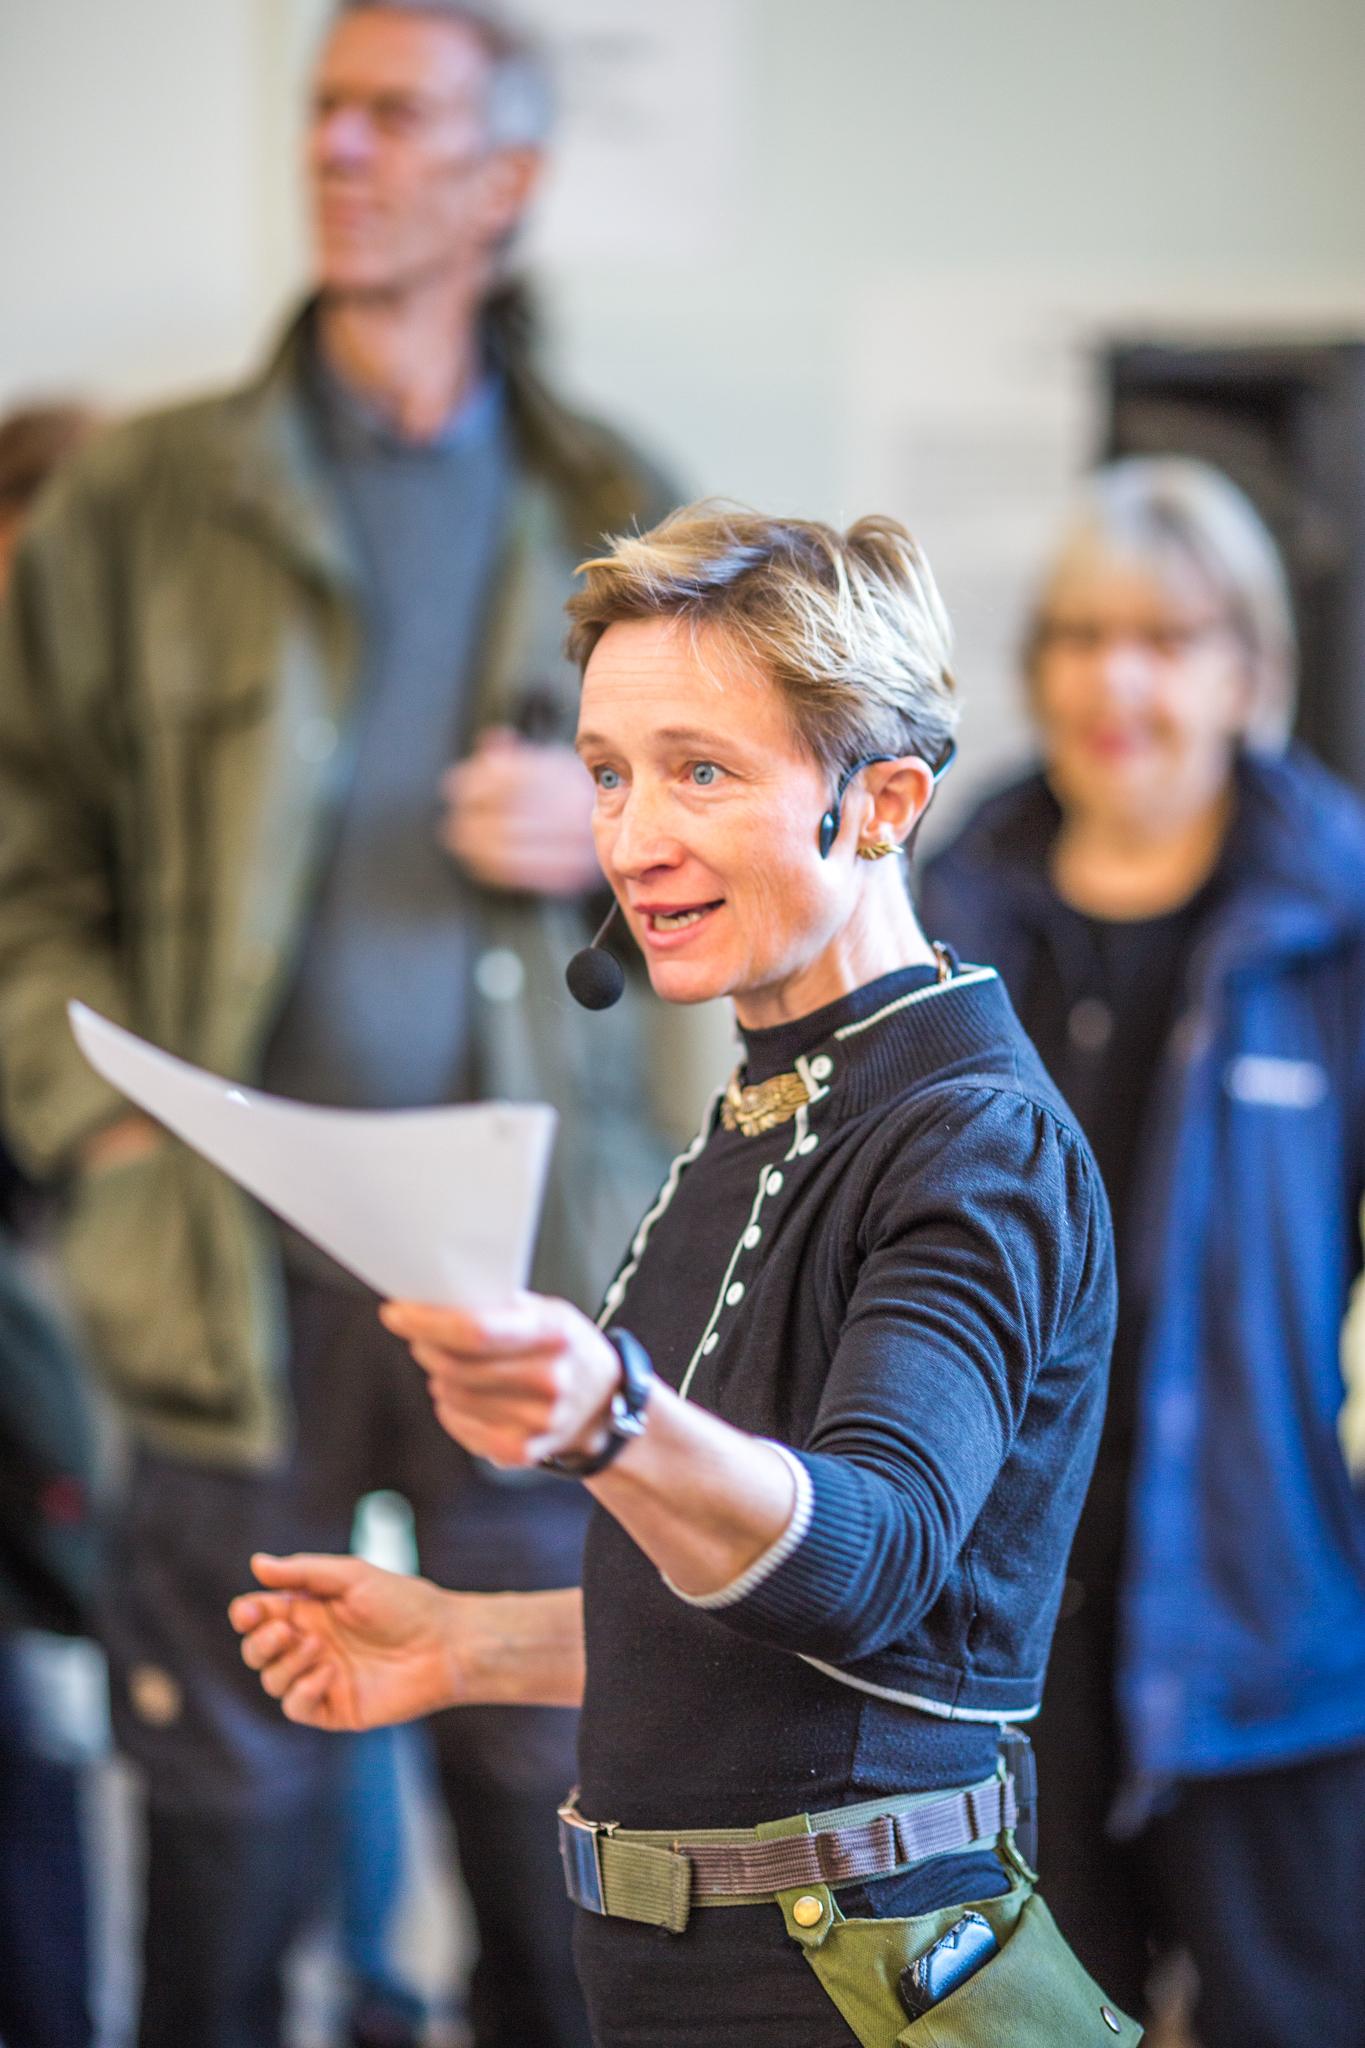 Simone Aaberg Kærn taler til åbningen af udstillingen Batalje på Kunsthal Charlottenborg 2016. foto Maria Mathilde Rønshof